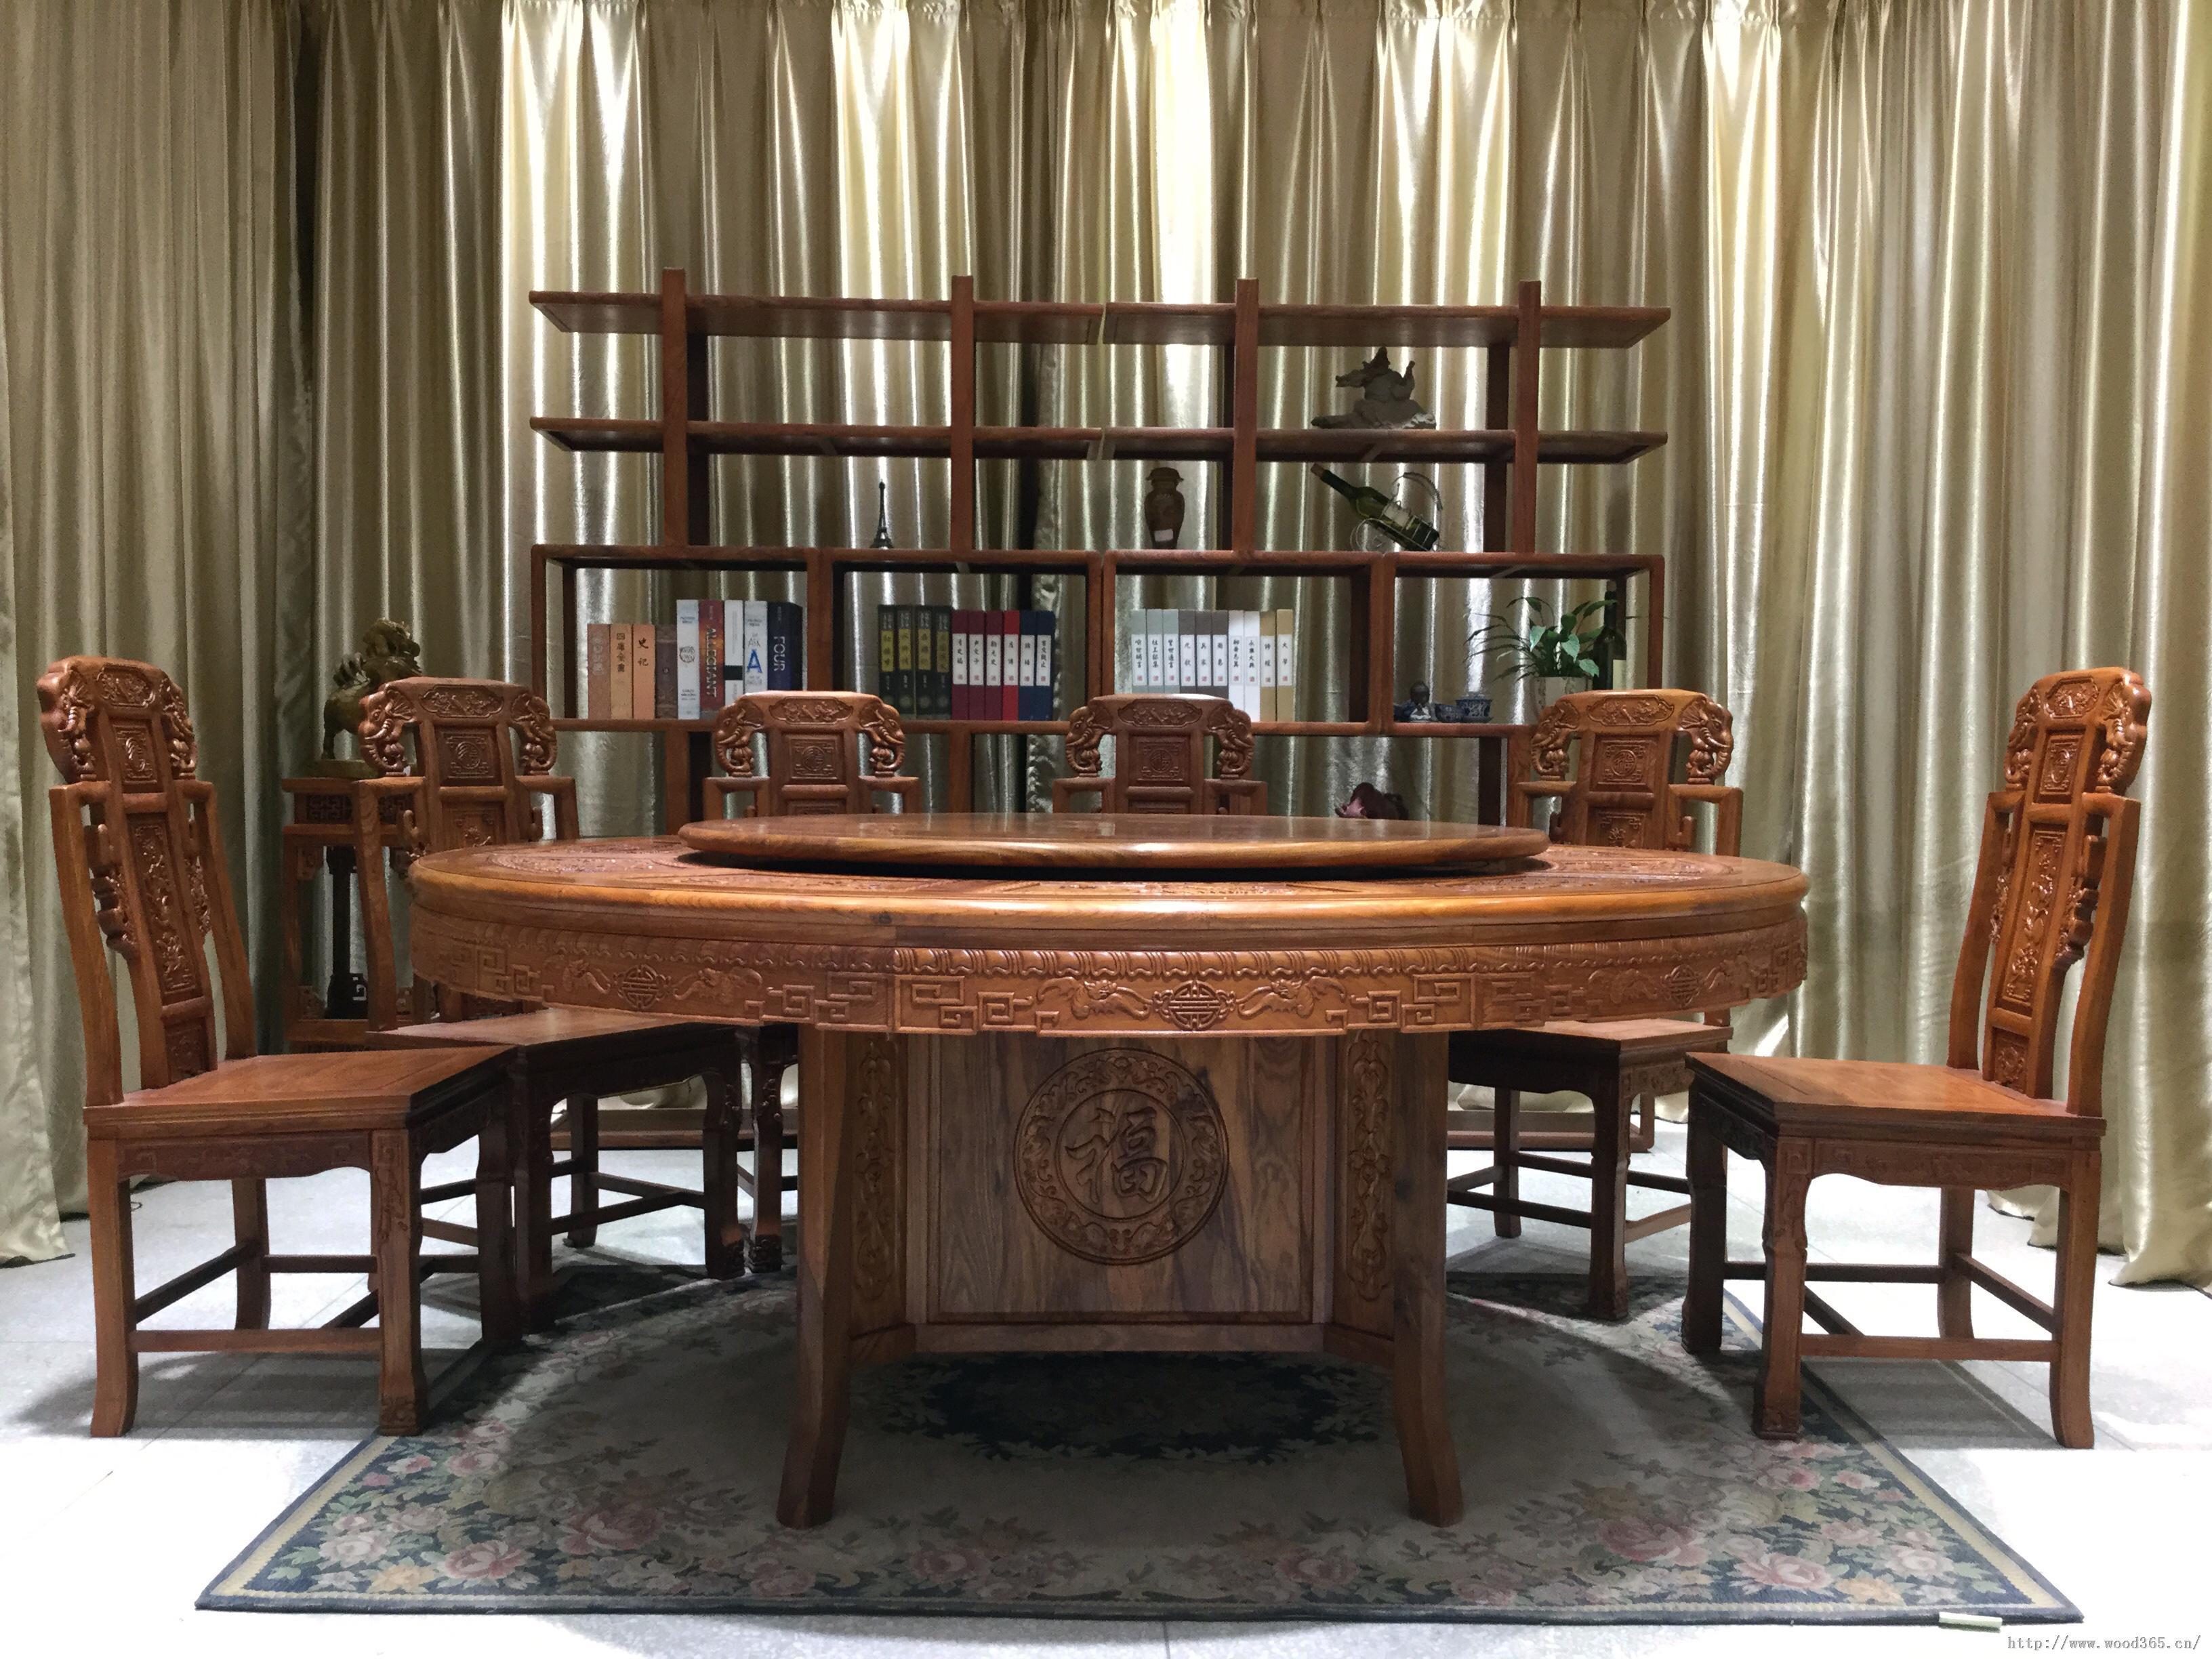 8圆餐桌红木家具实木家居非花缅花酸枝明清古典仿古